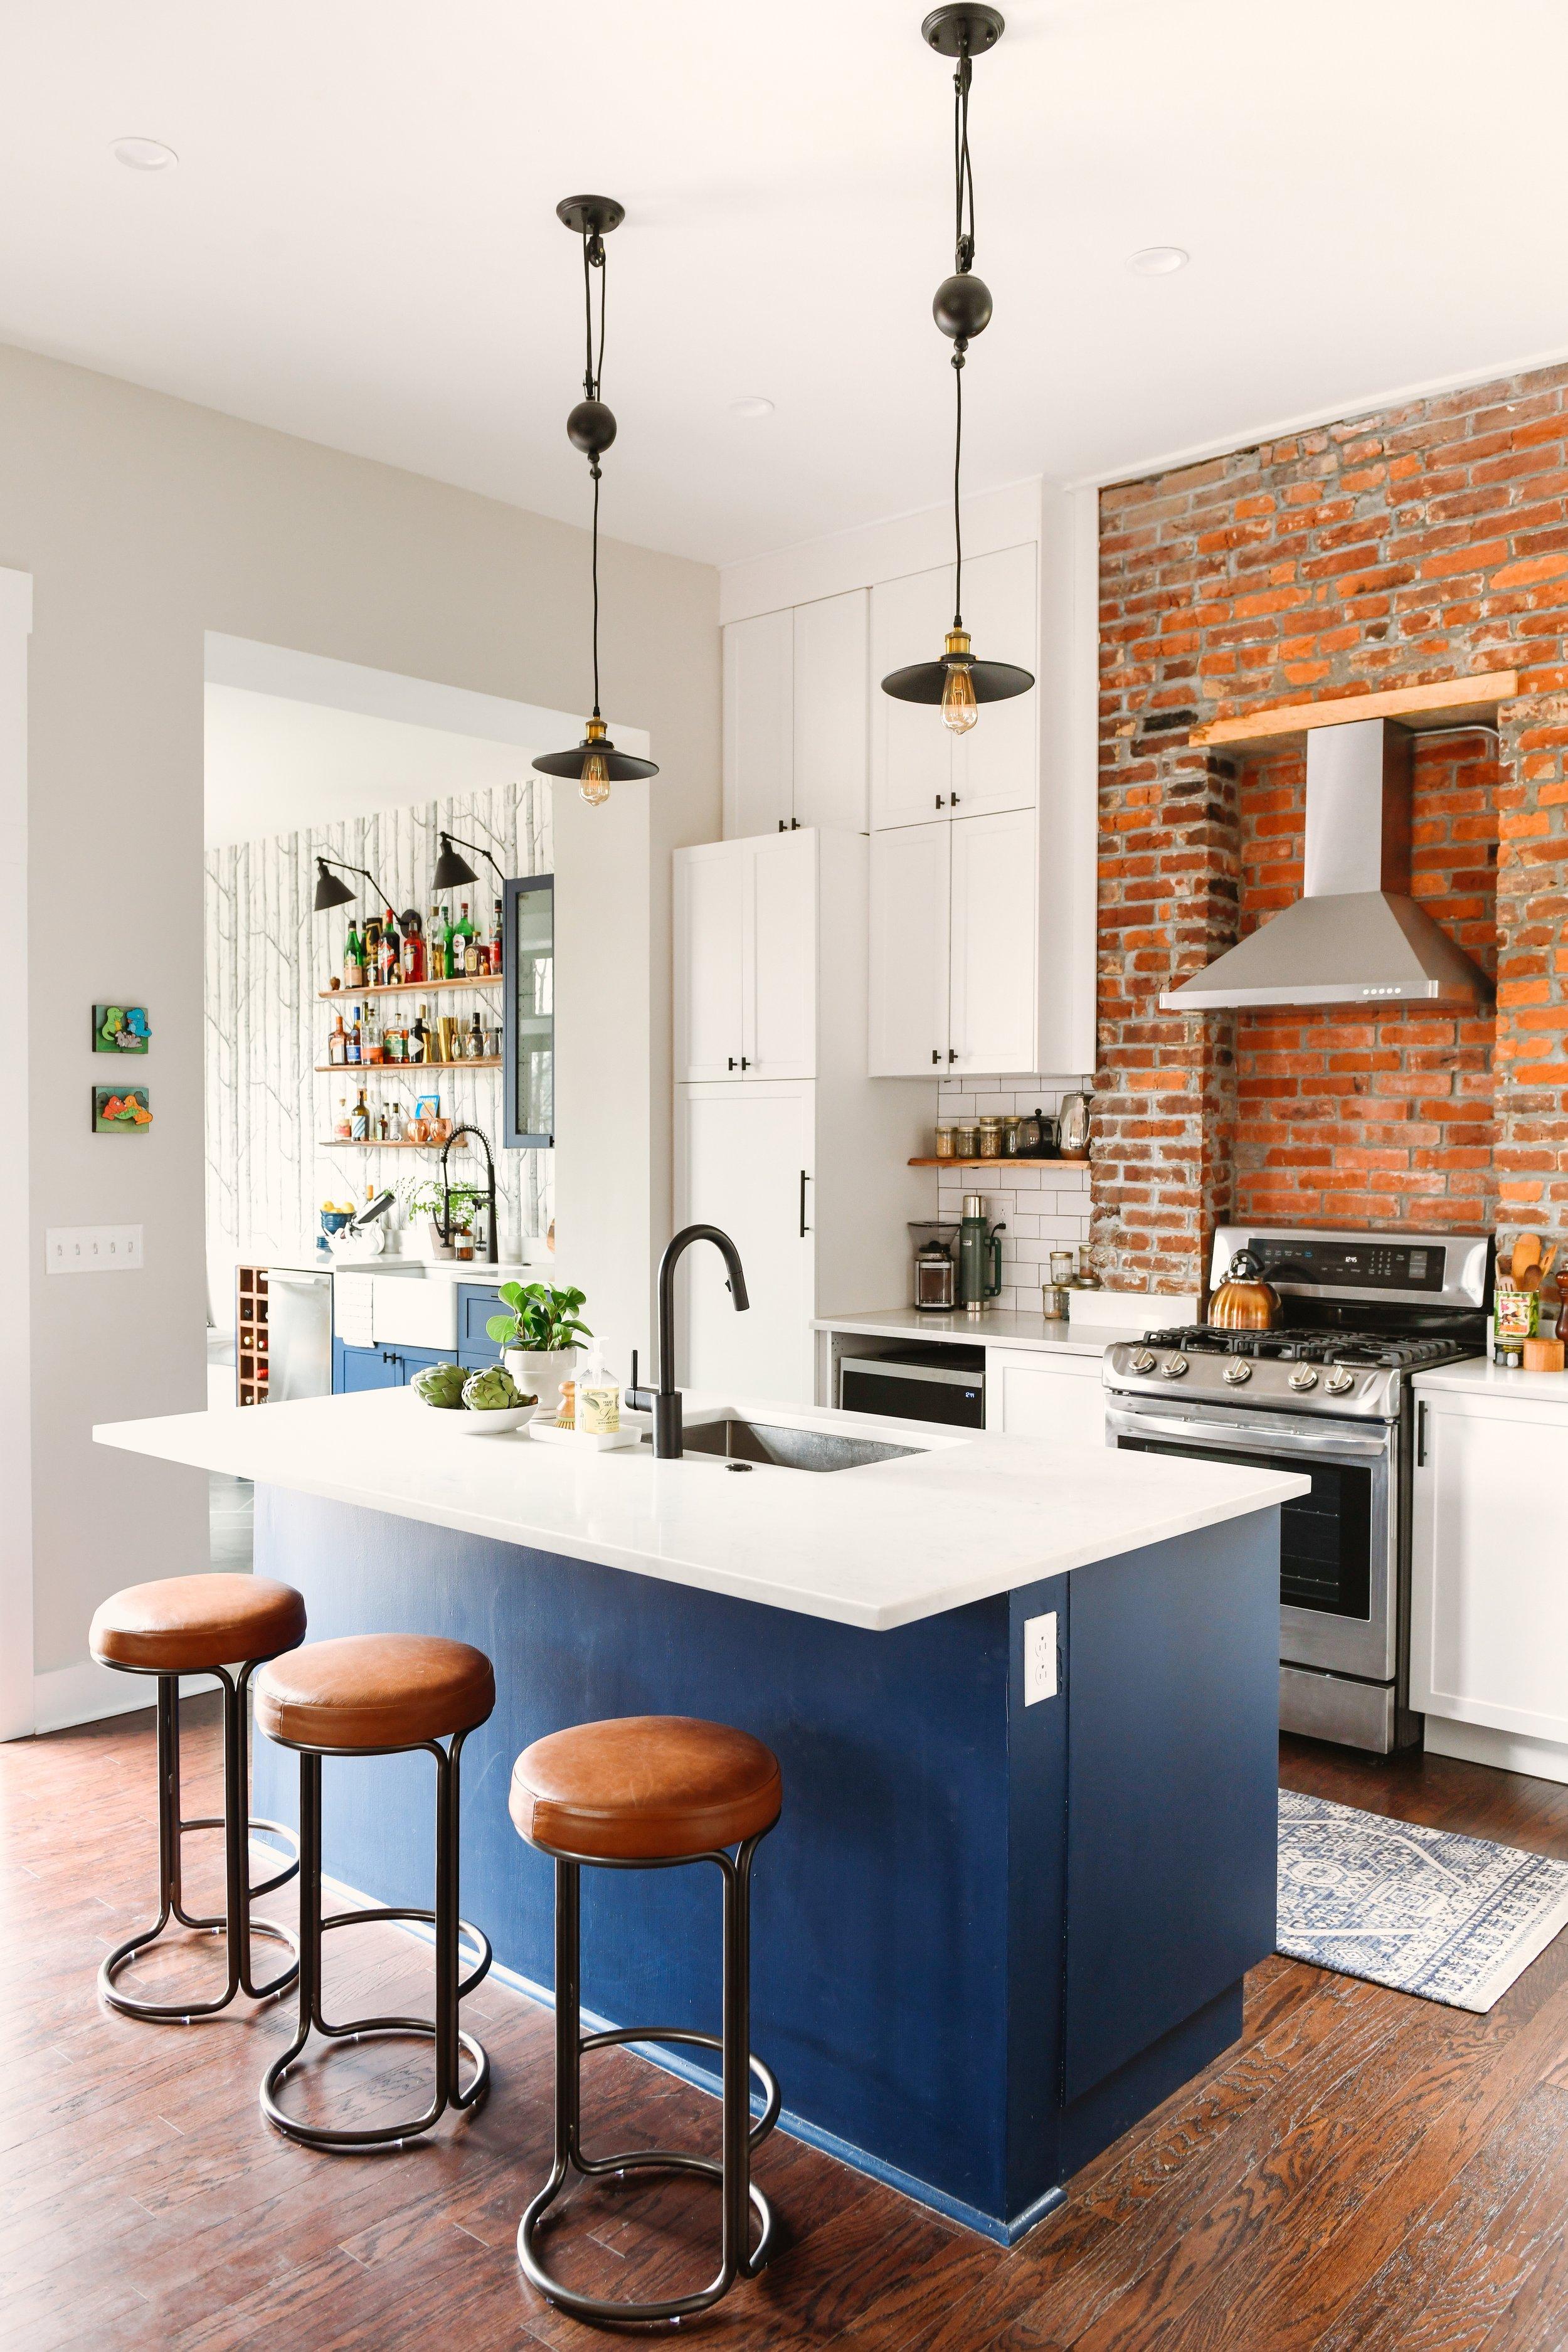 Katy Popple Design Kitchen - Leather Stools 3.jpeg